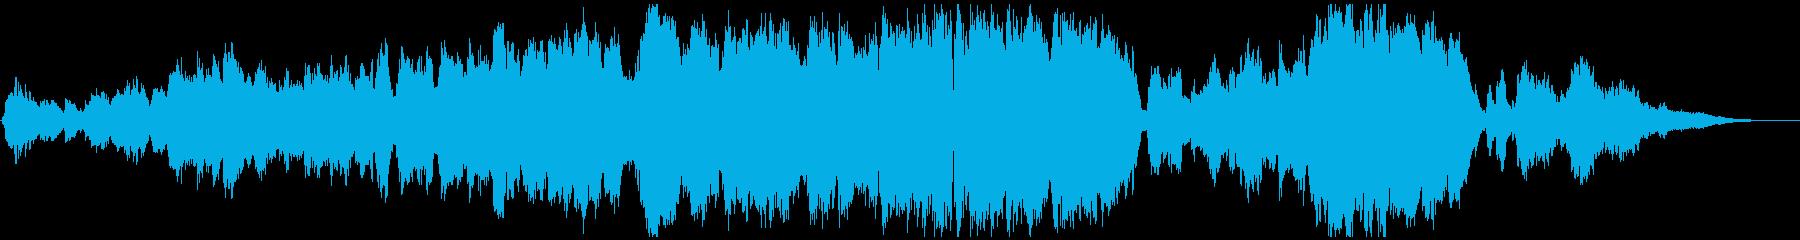 生演奏フルートのゆったり優しいバラードの再生済みの波形